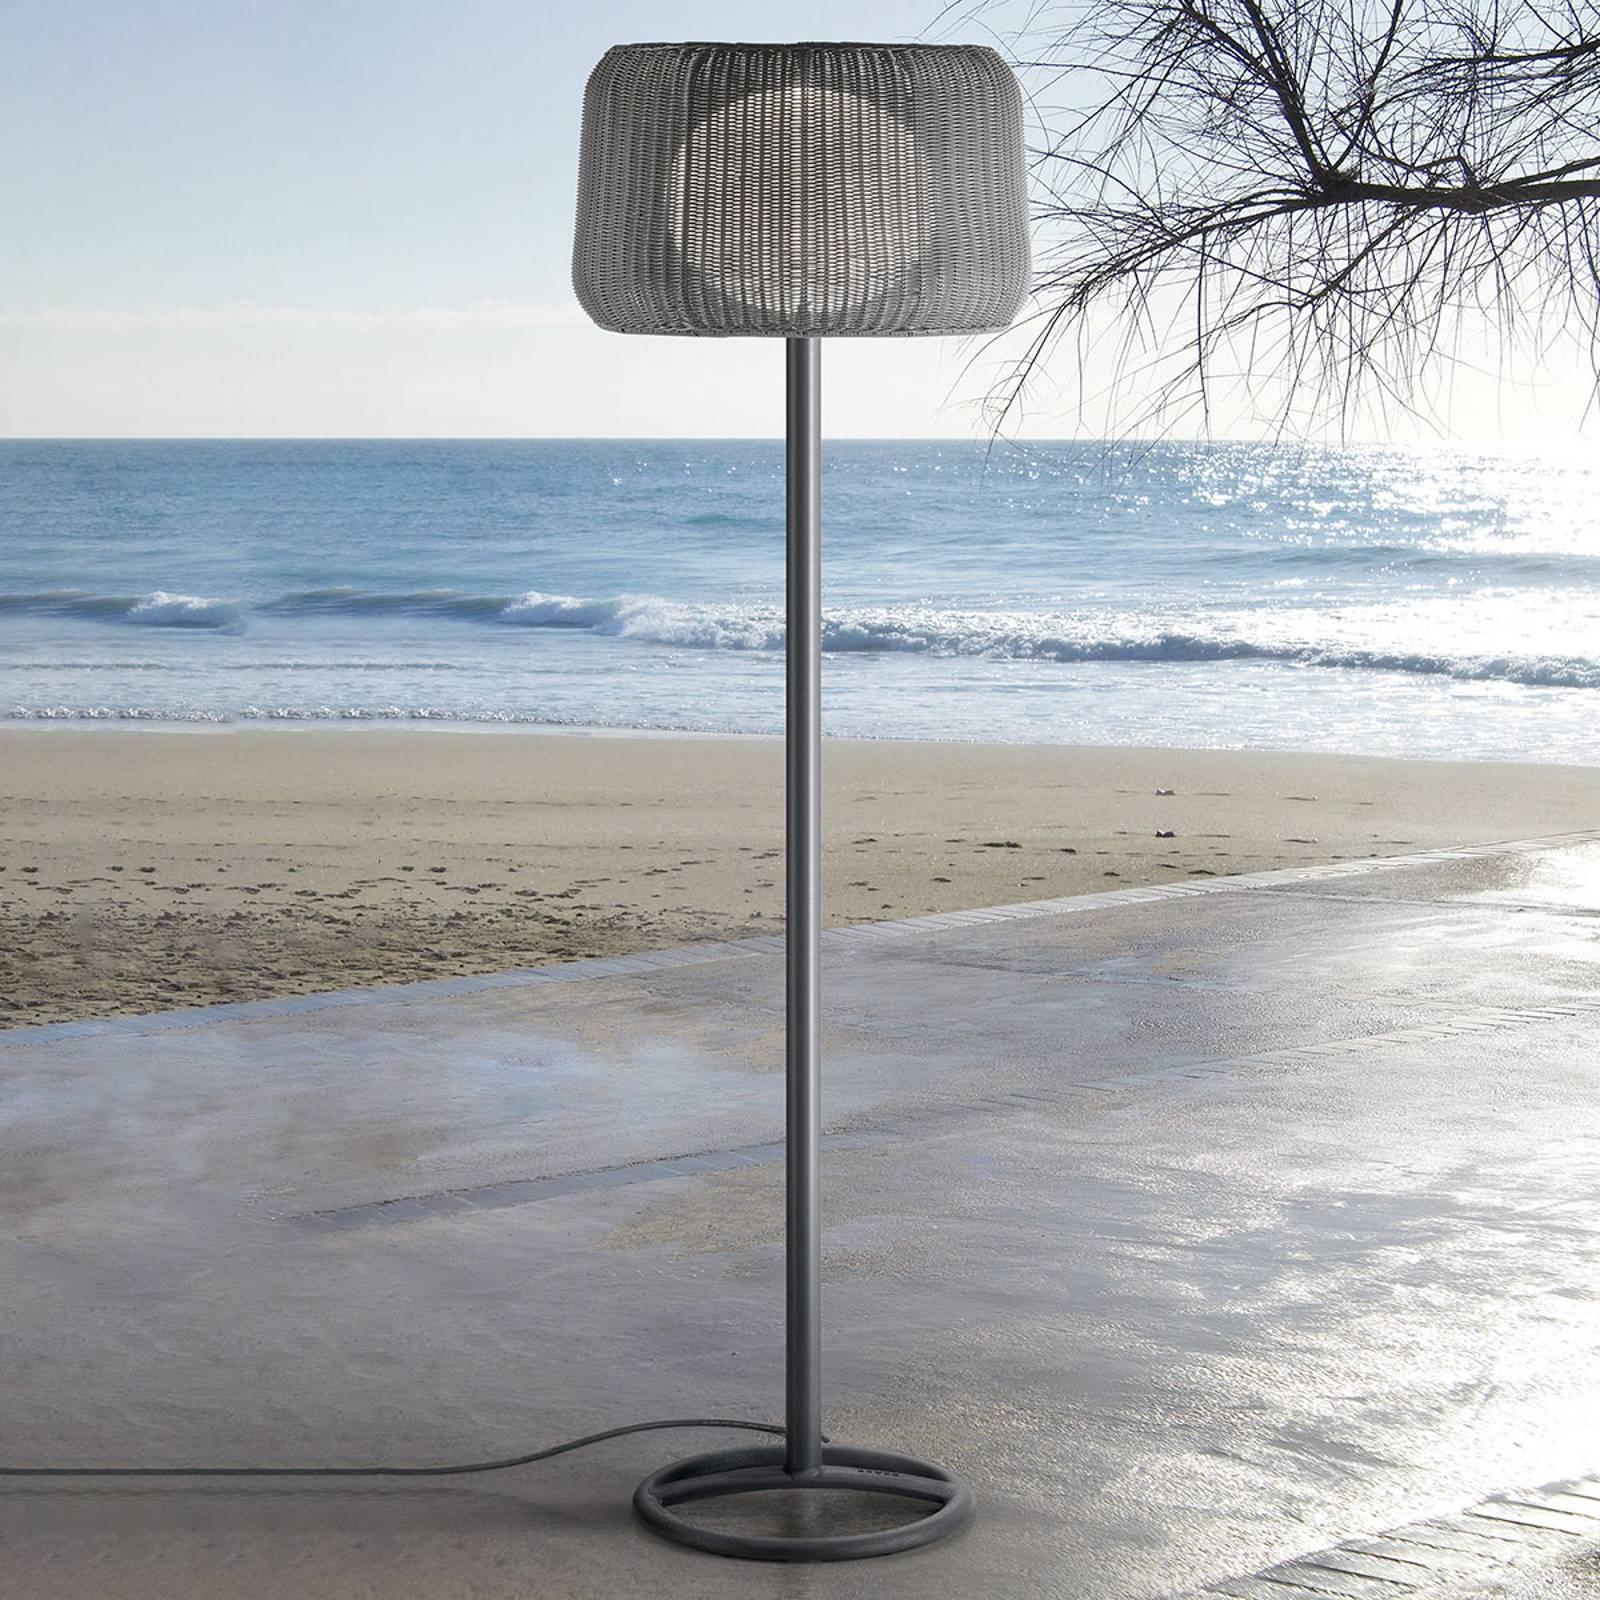 Bover Fora P lampadaire d'extérieur, brun-graphite